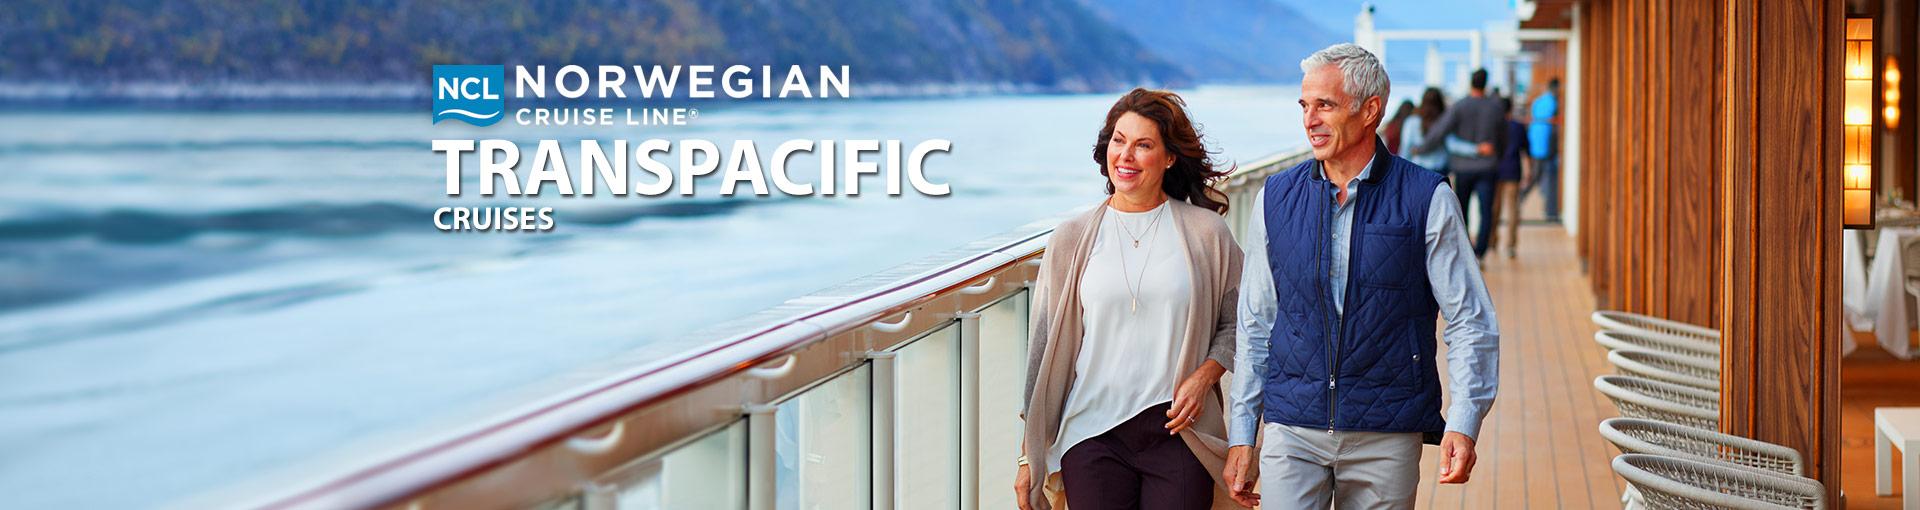 Norwegian Cruise Line Transpacific Cruises